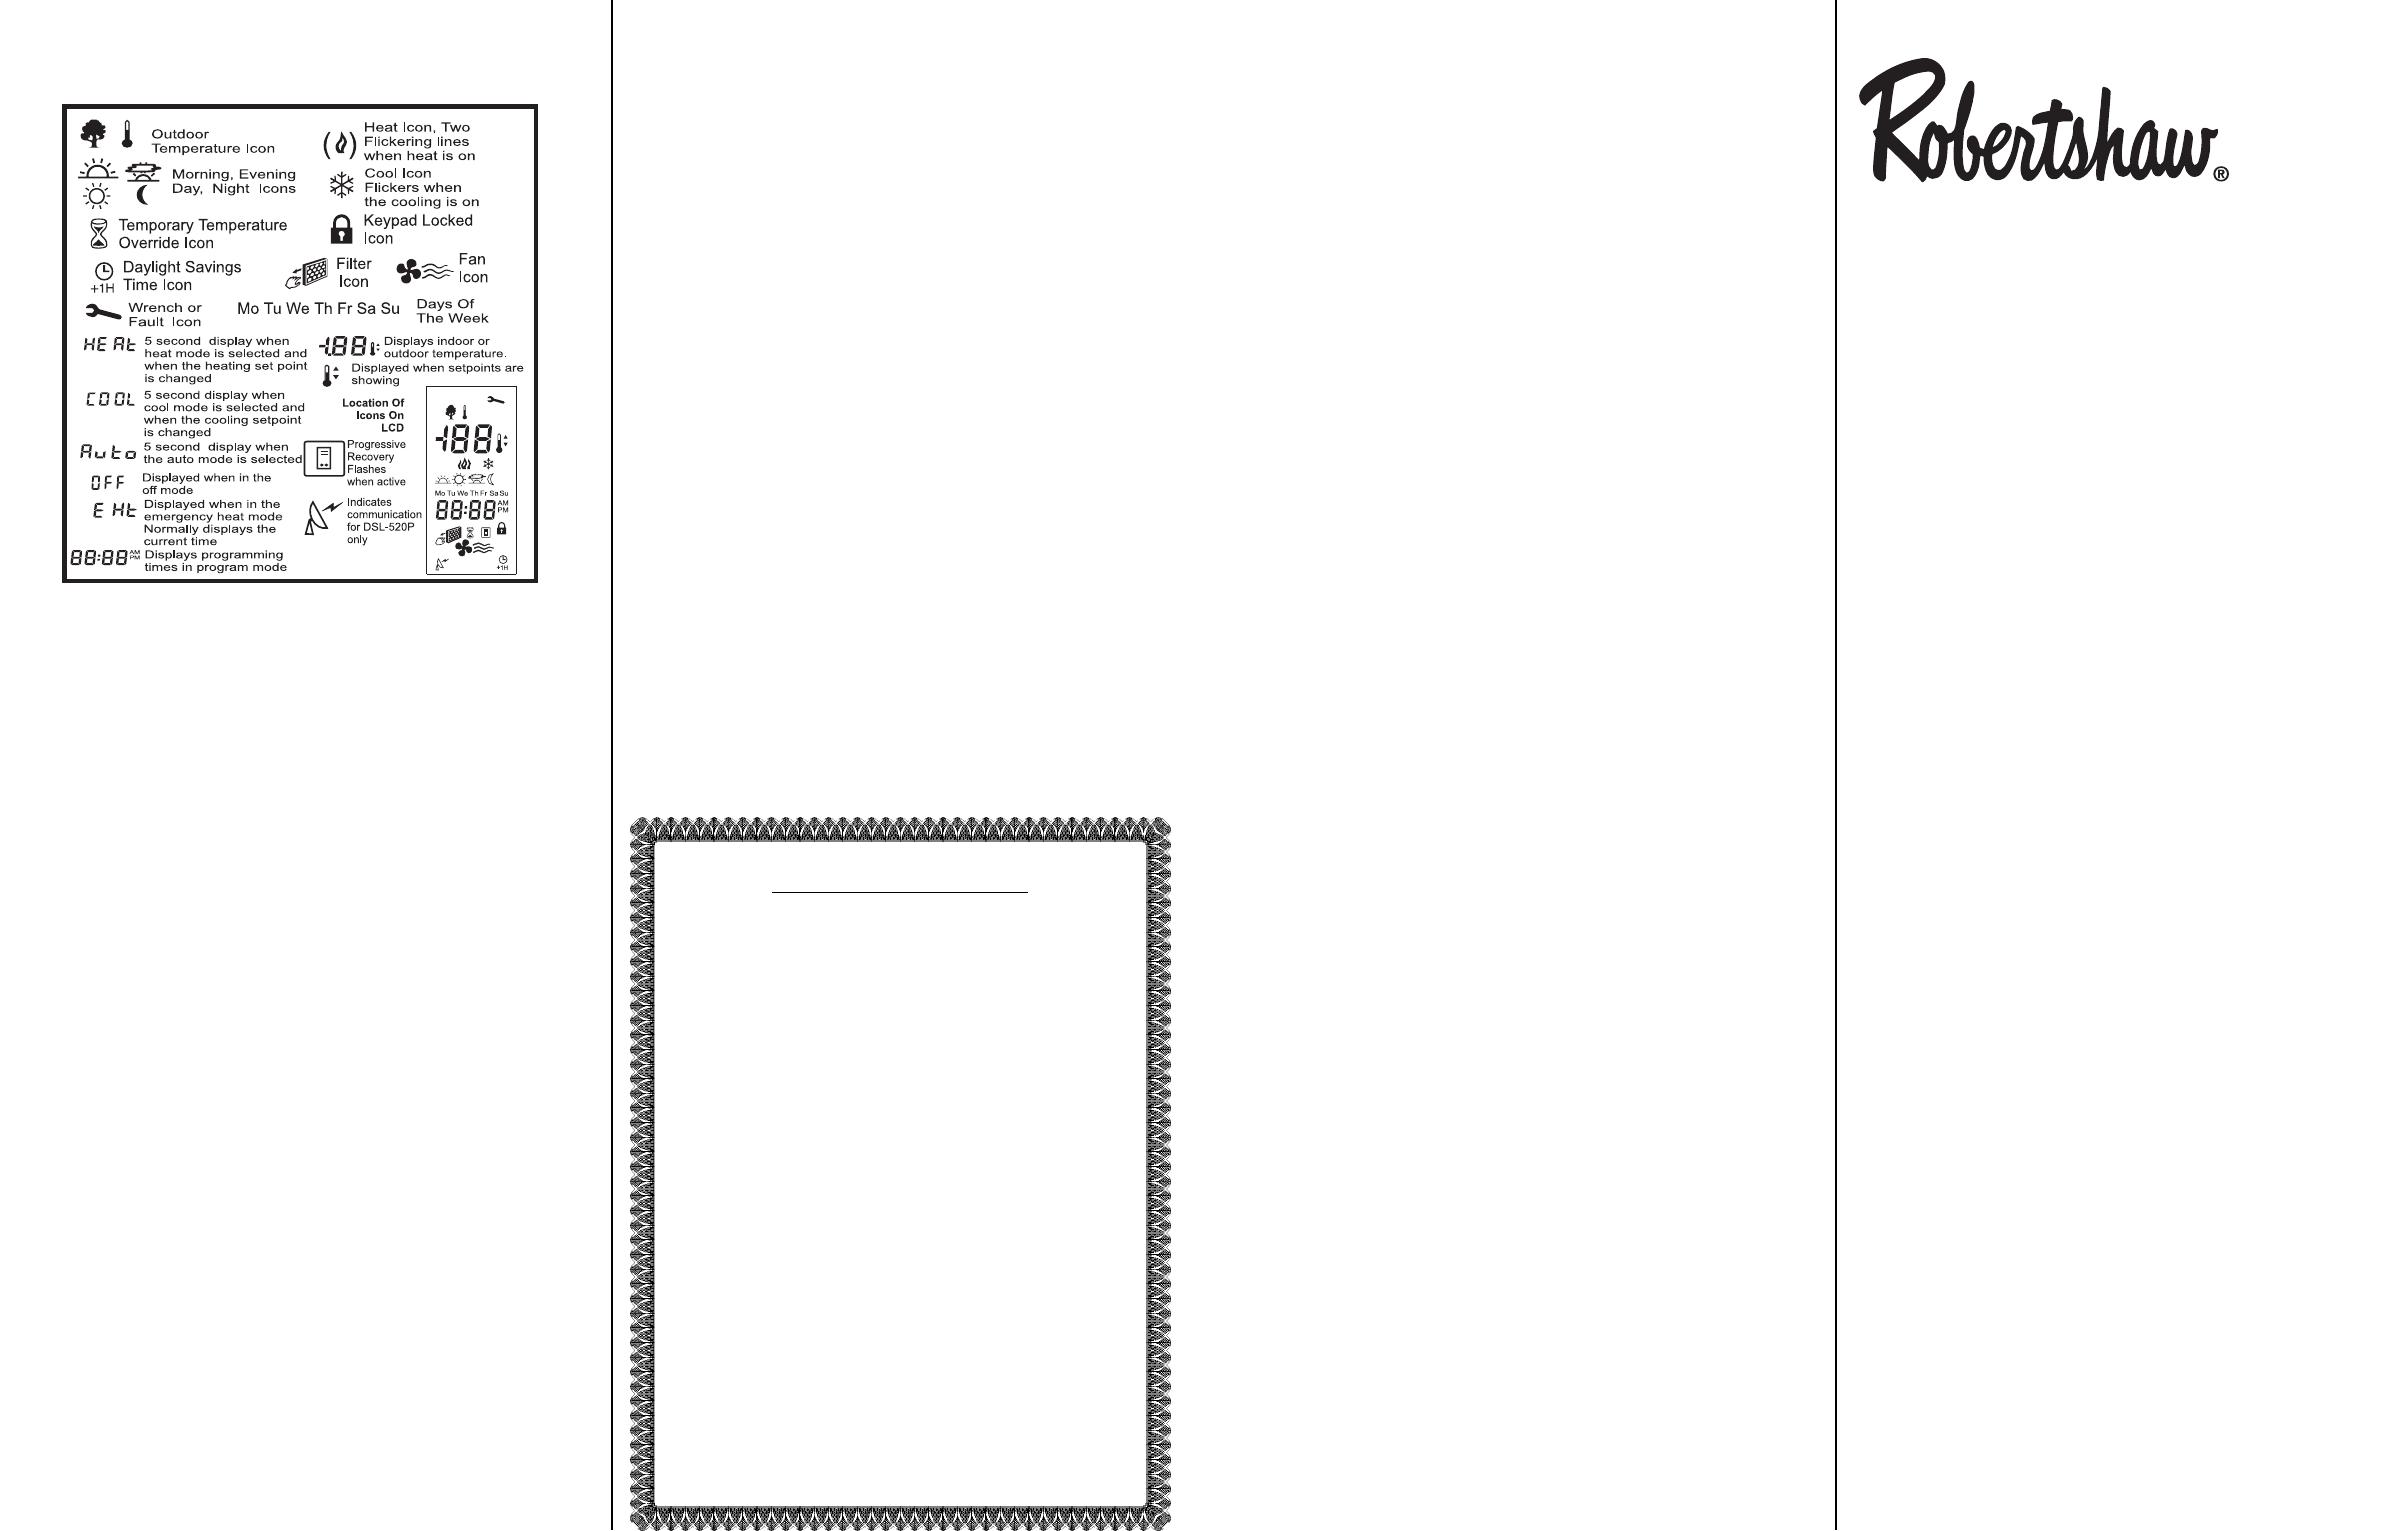 Robertshaw 300 207 Owners Manual 111 113b Circuit Diagram Of Uniline Ups